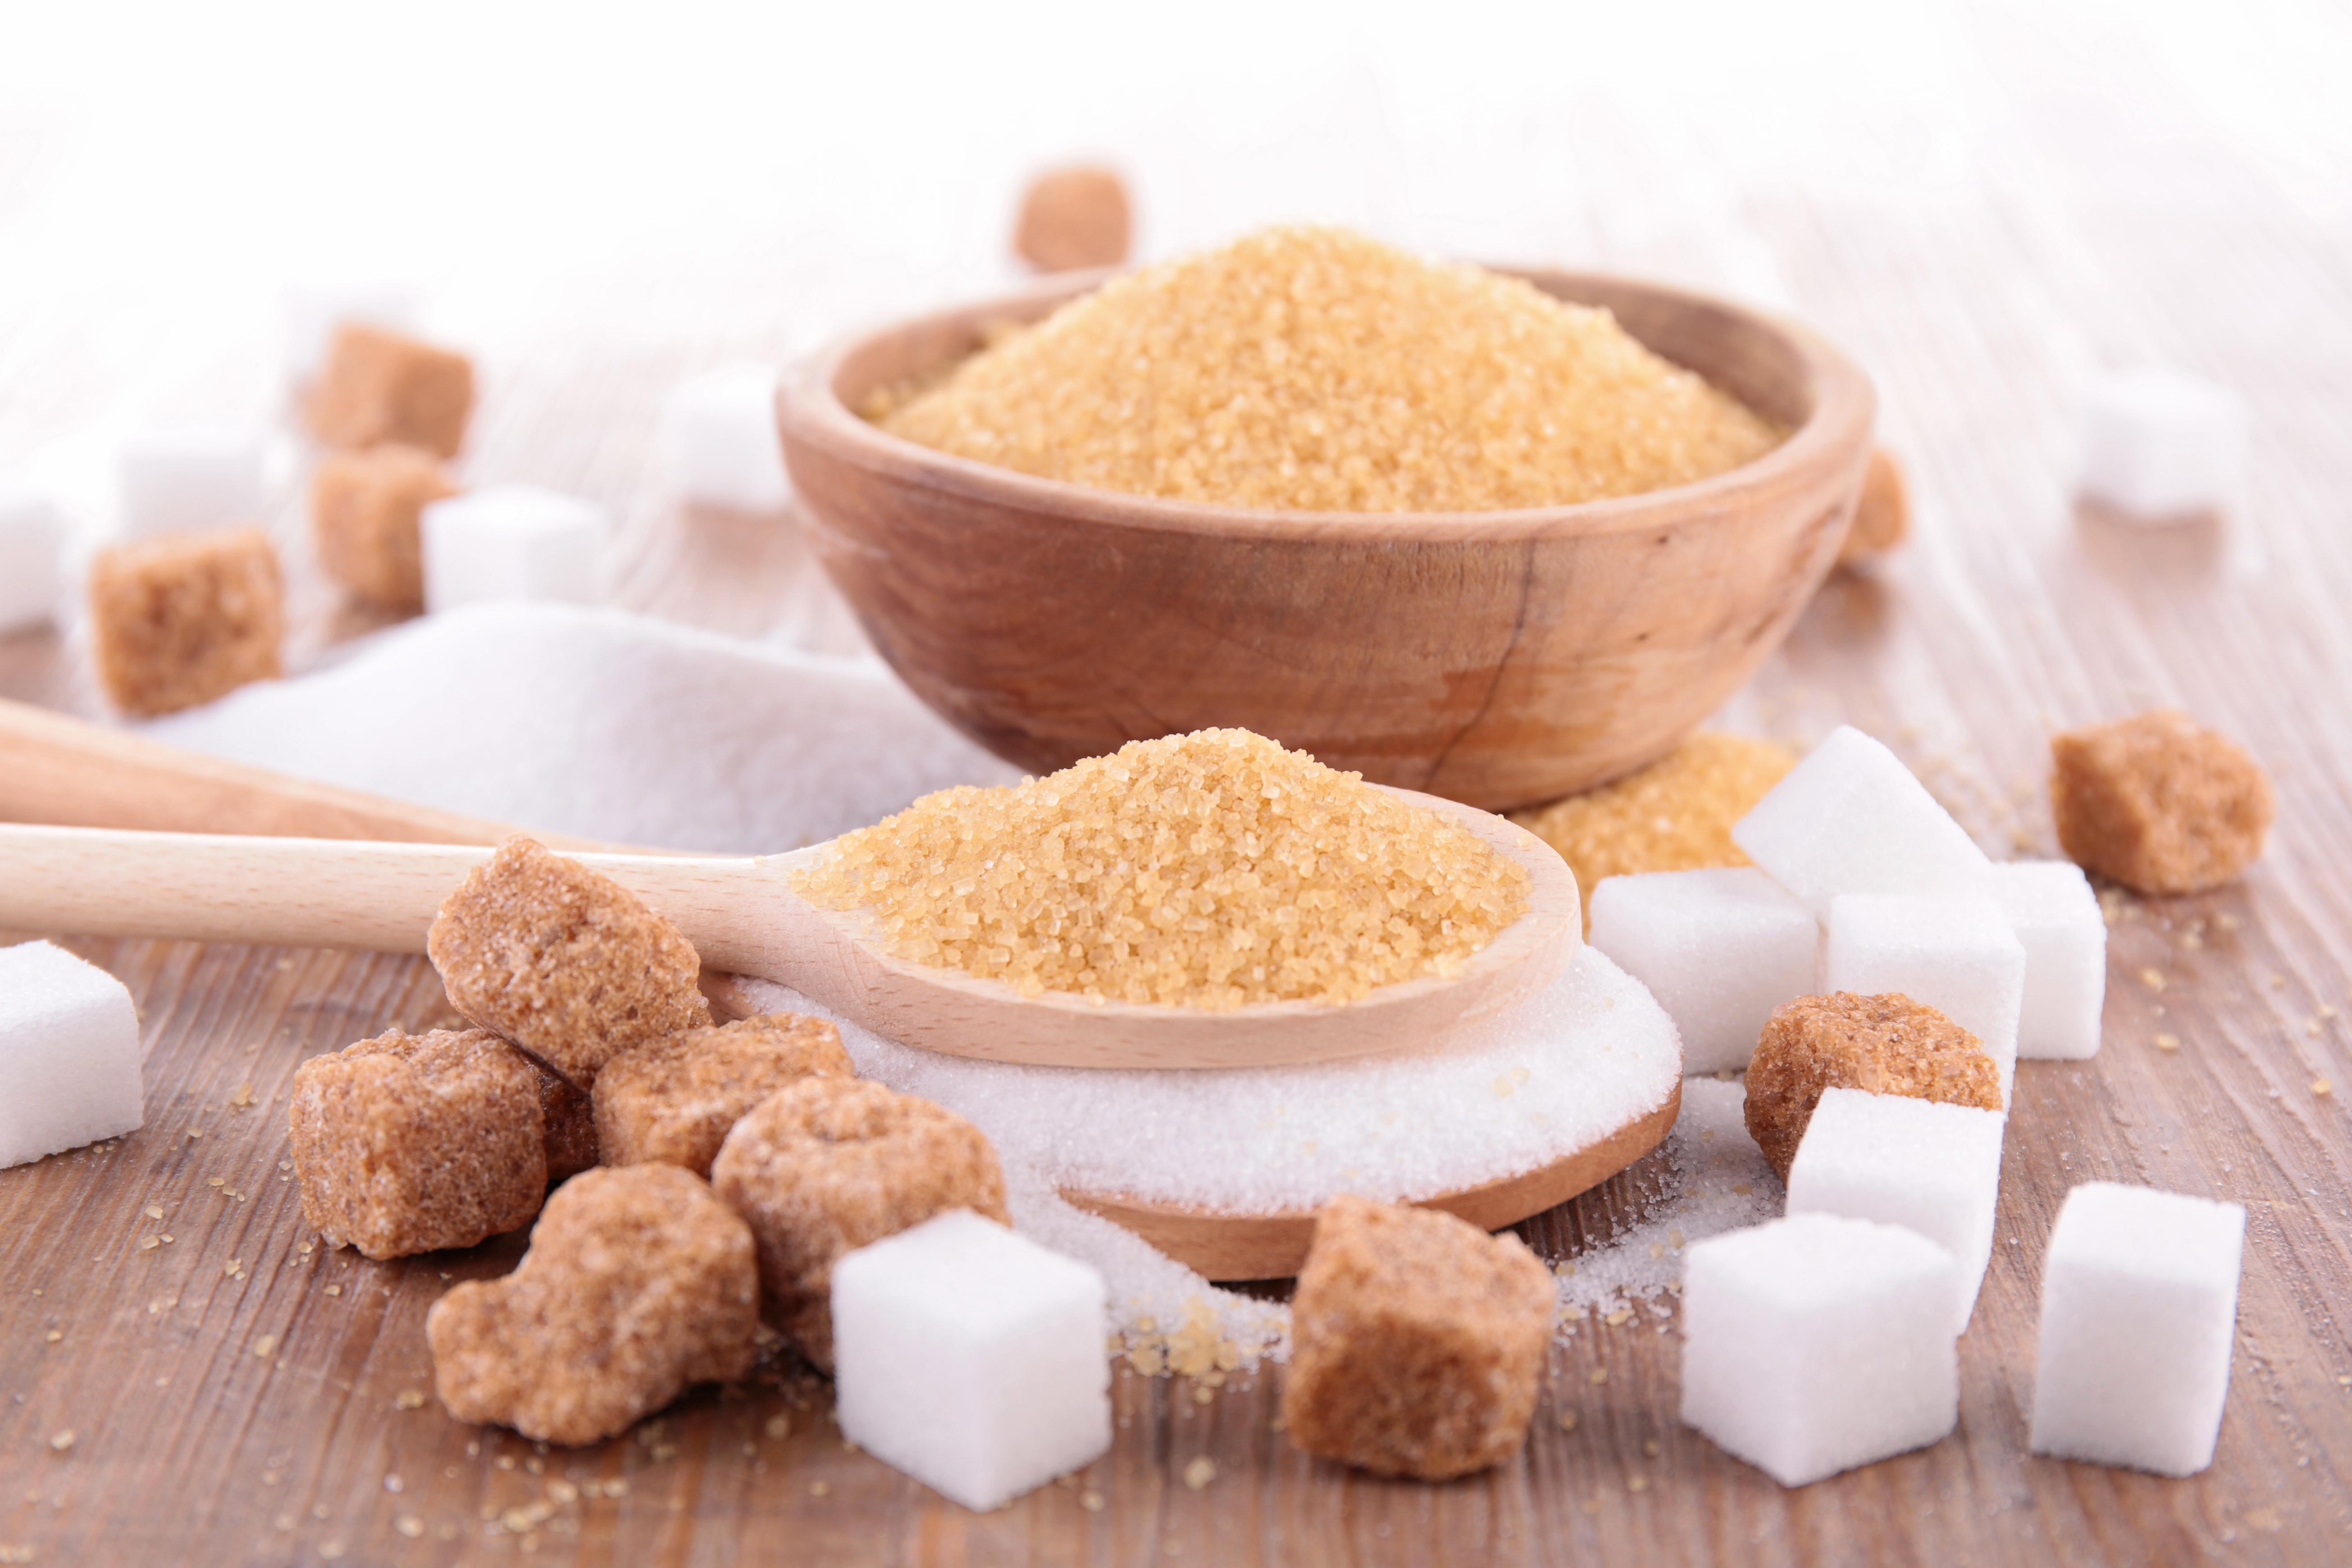 cukor képek Tényleg jobb a barna cukor a fehér helyett? cukor képek